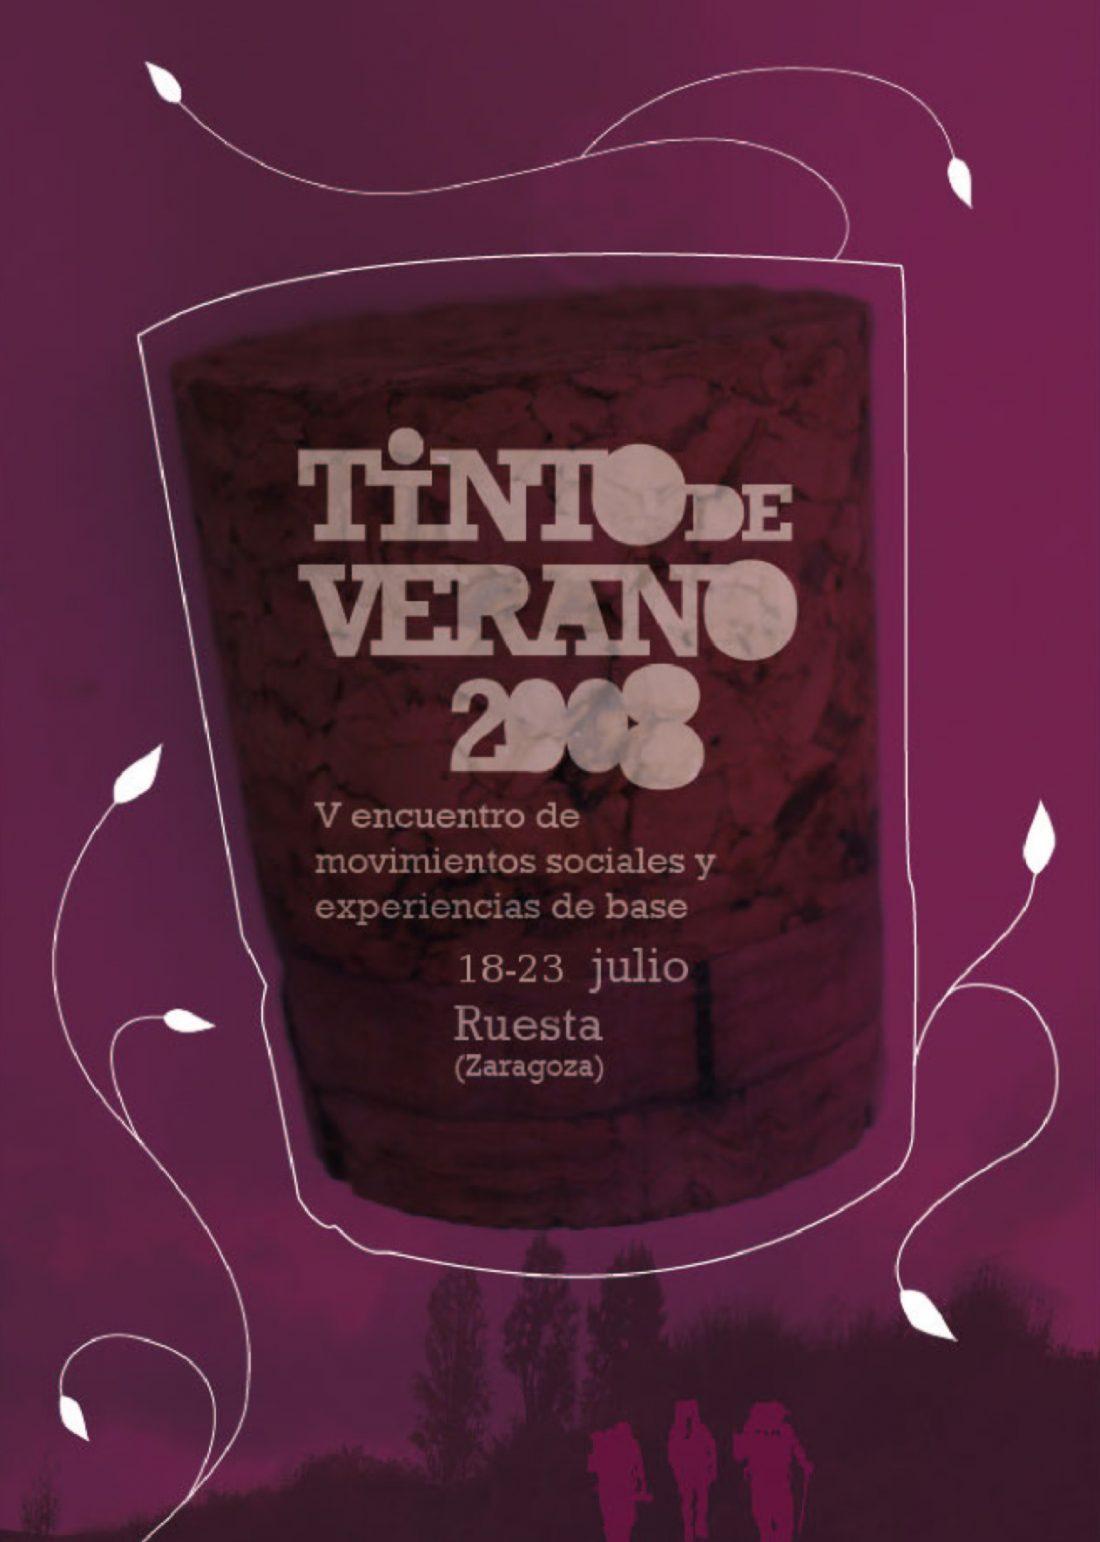 Tinto de Verano 2008: V Encuentro de movimientos sociales y experiencias de base (18-23 julio – Ruesta)